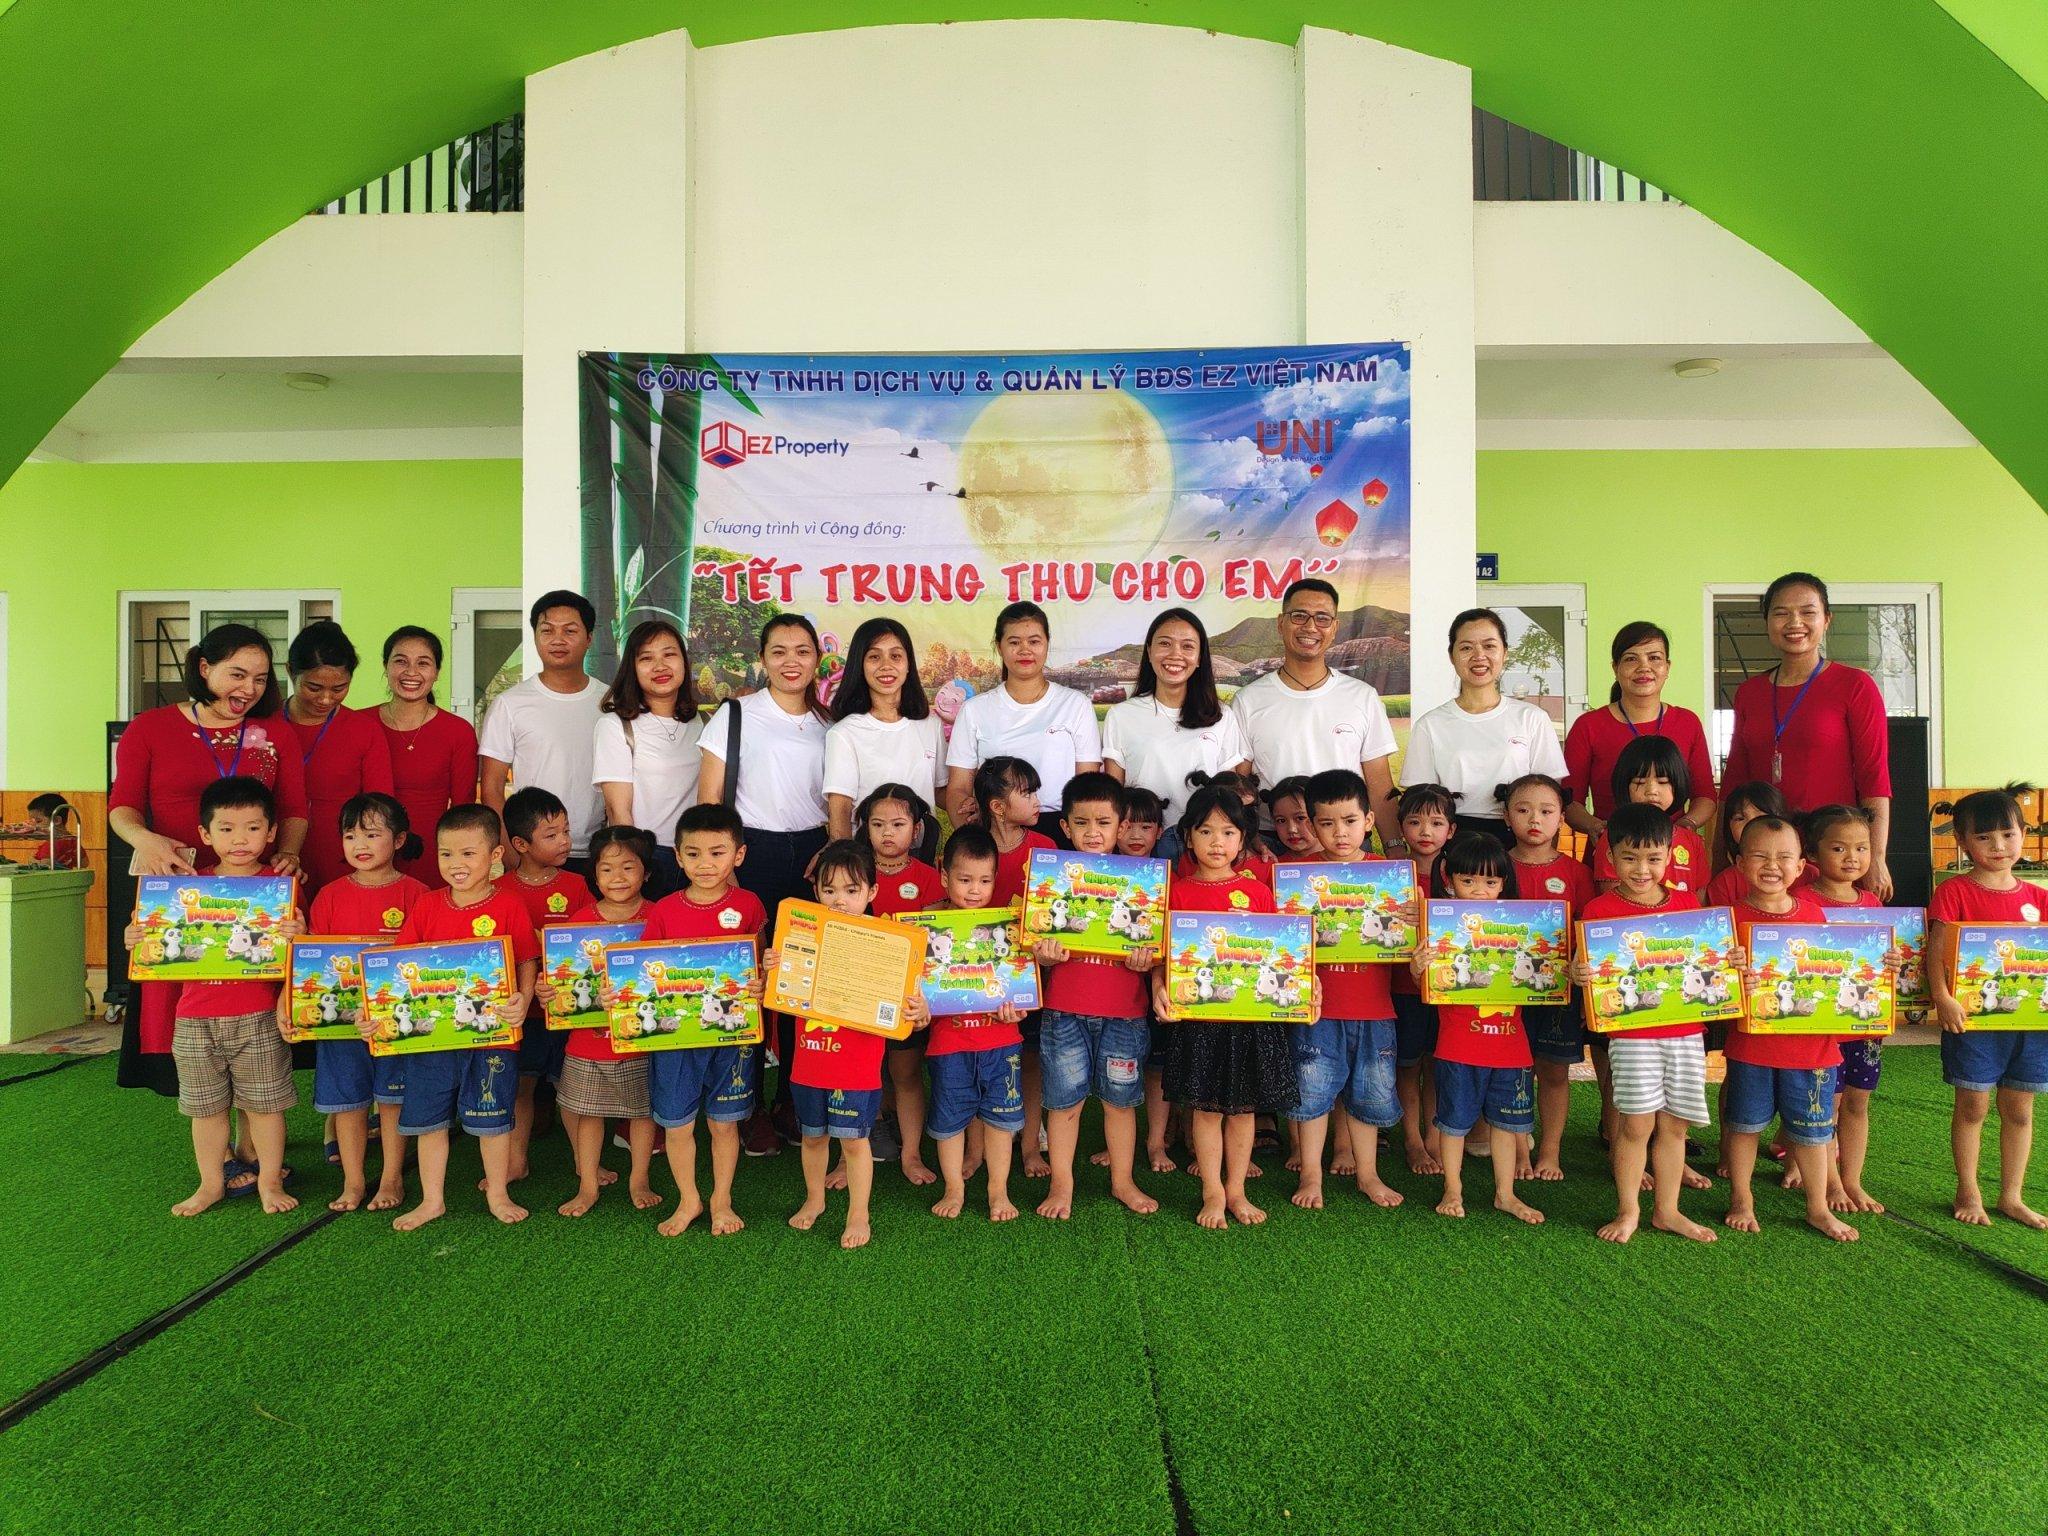 """EZ Leasing tổ chức tặng quà cho các cháu thiếu nhi trong chương trình """"Tết thiếu nhi cho em"""""""